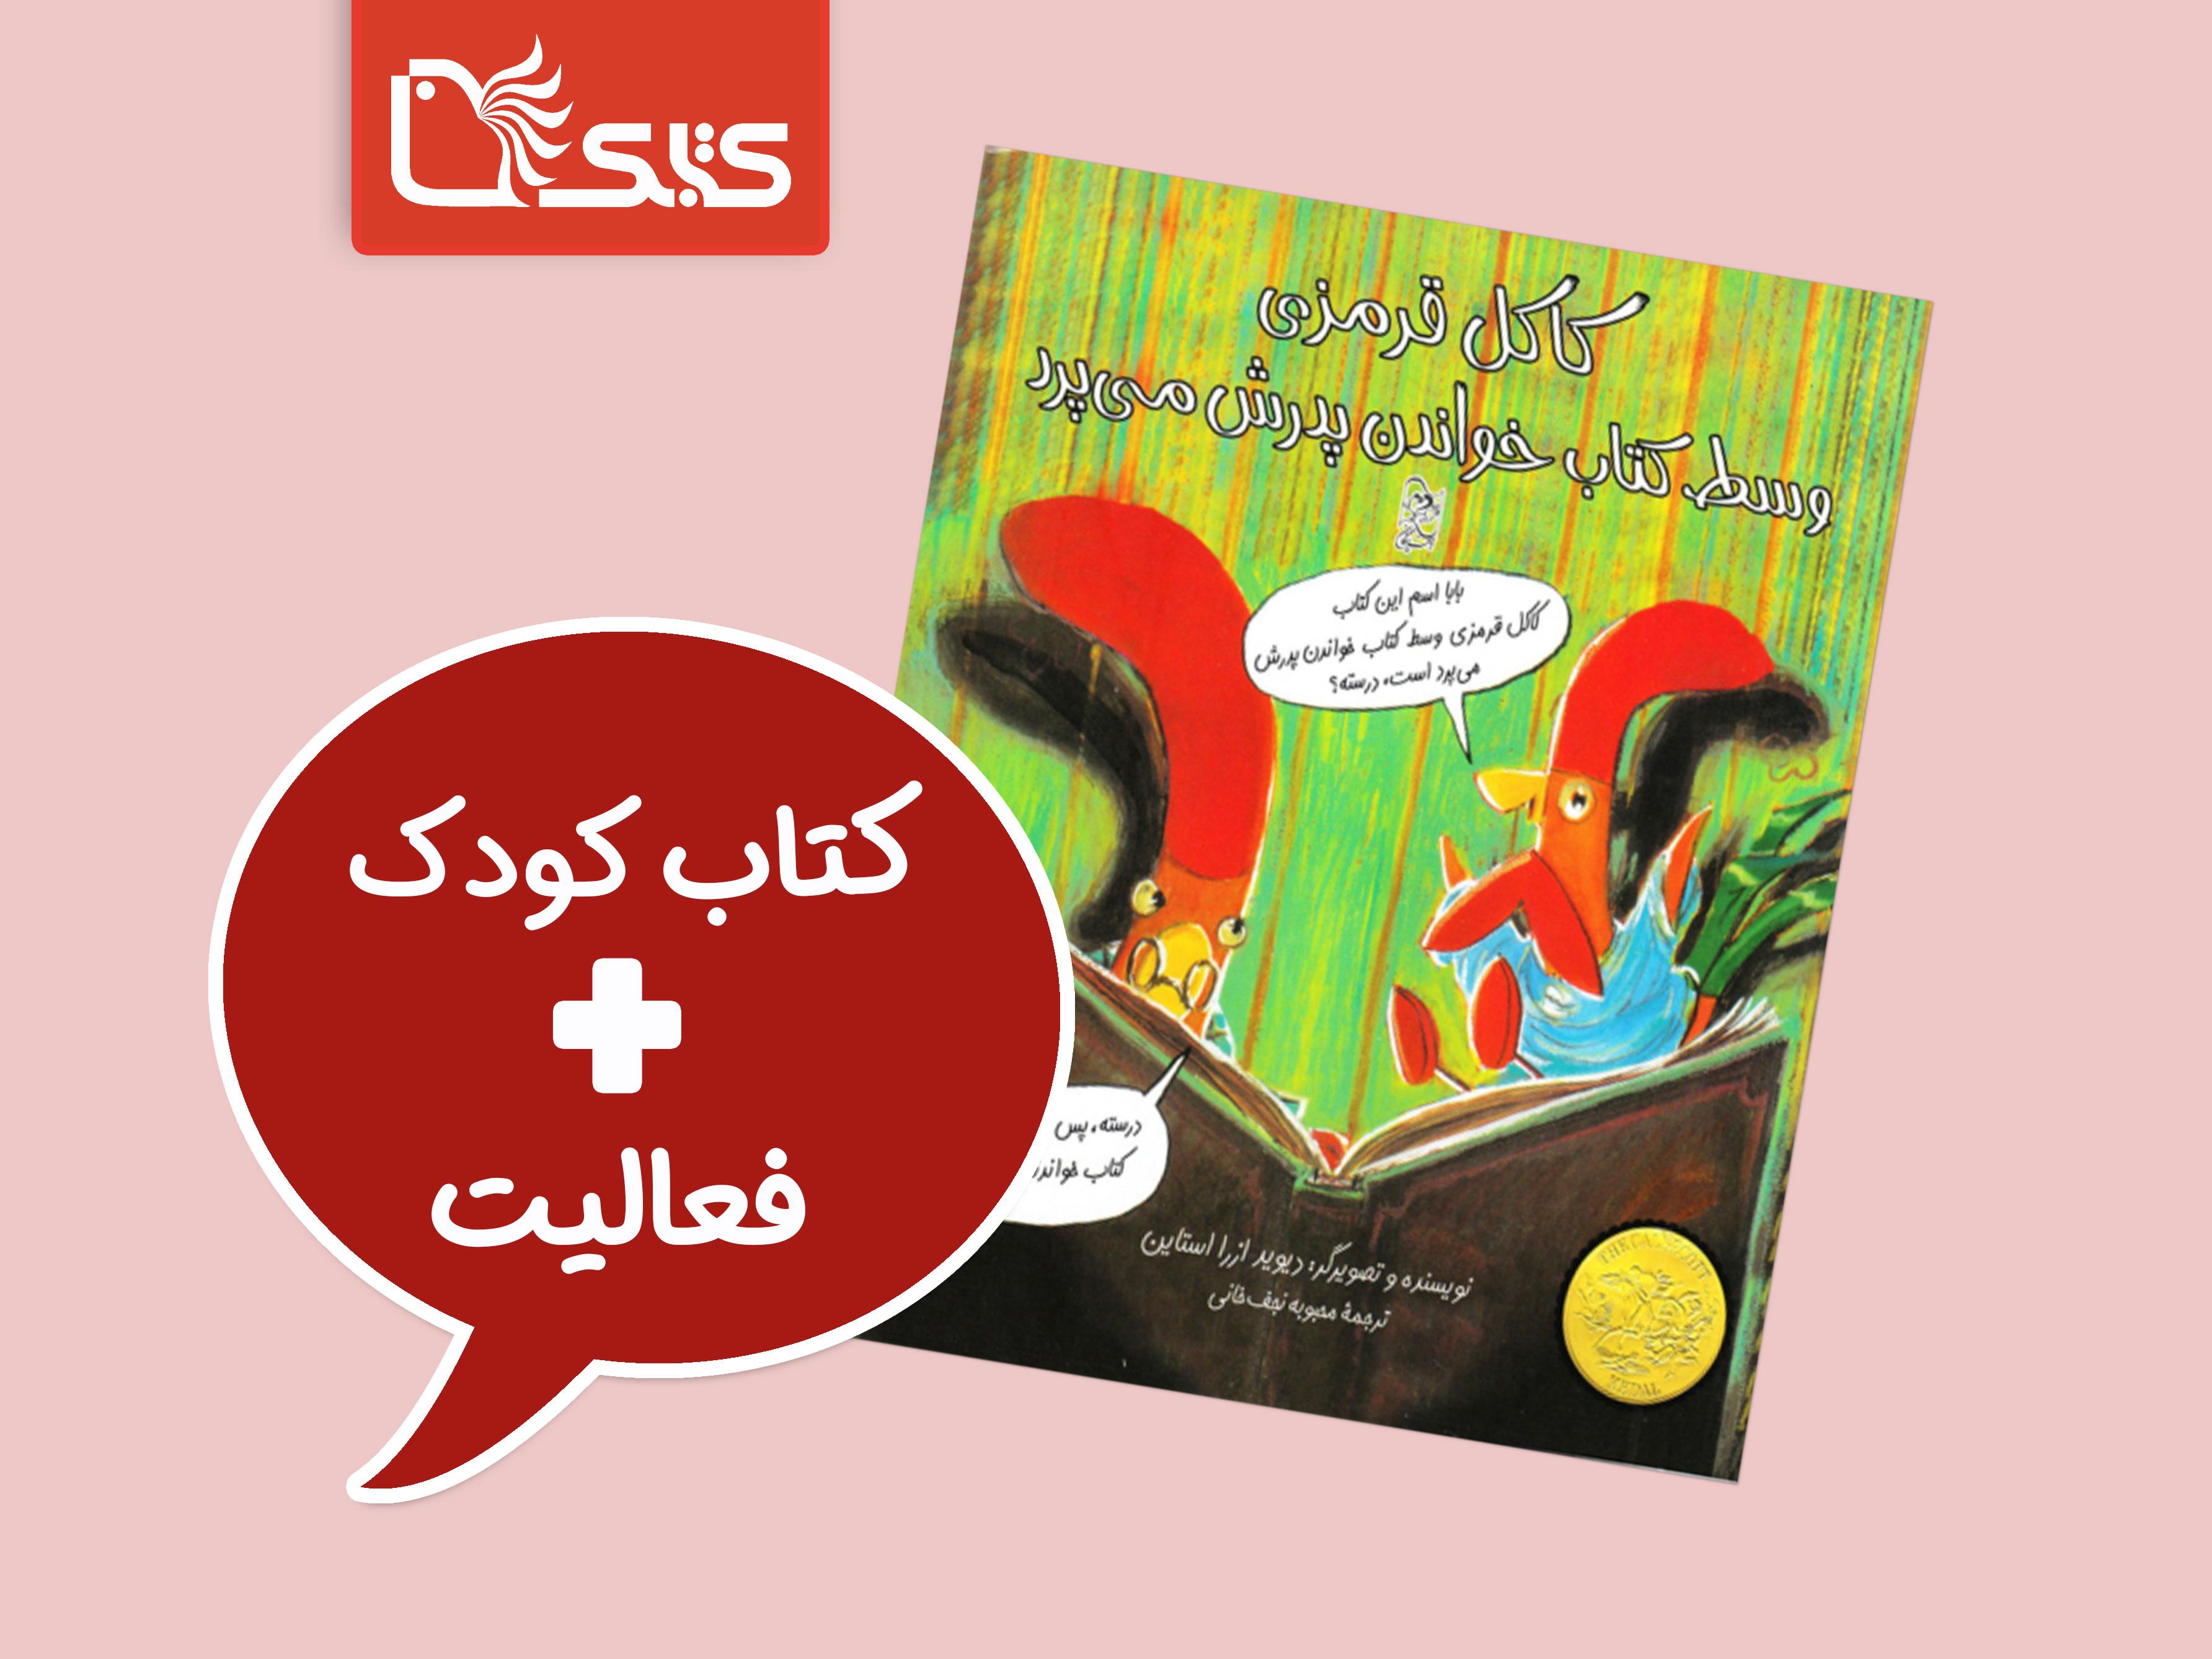 فعالیت پیشنهادی برای کتاب کاکل قرمز وسط کتاب خواندن پدرش میپرد